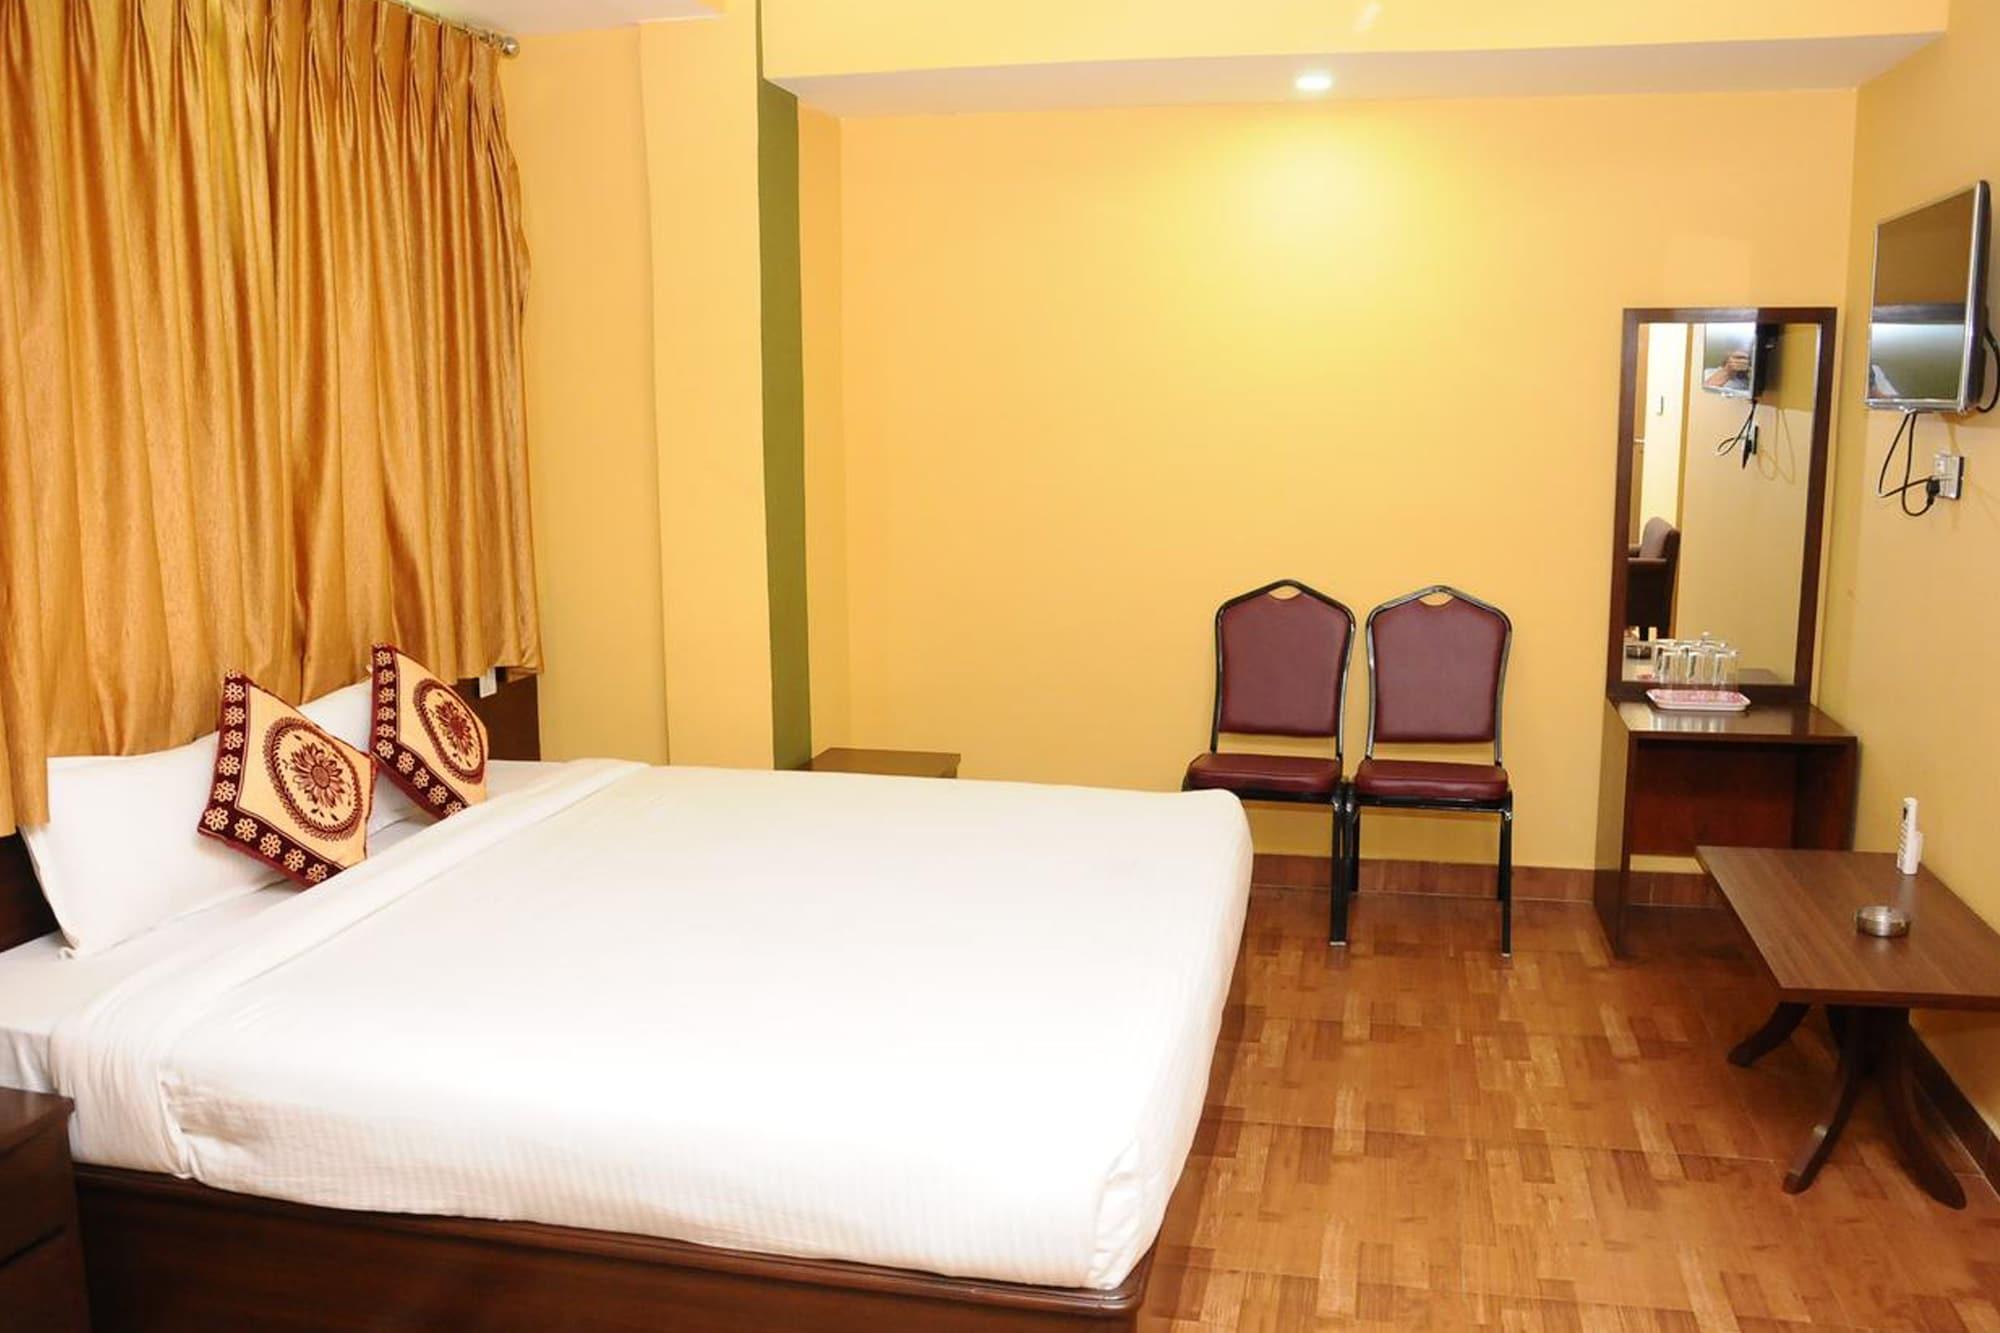 Rameshworam Hotel, Bagmati